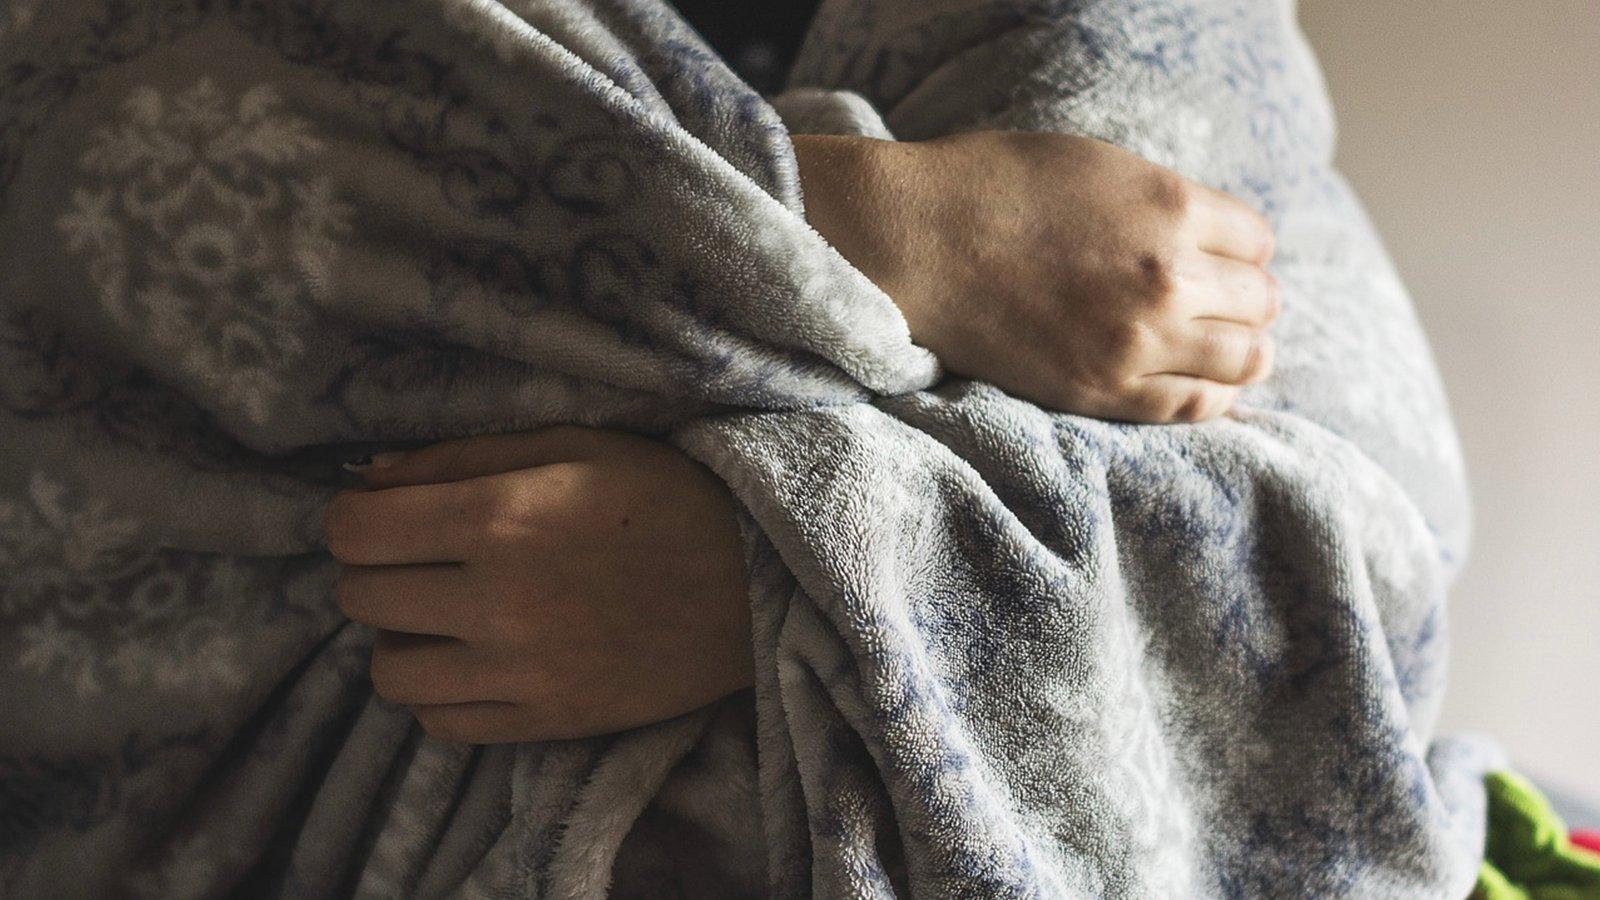 Cold blanket